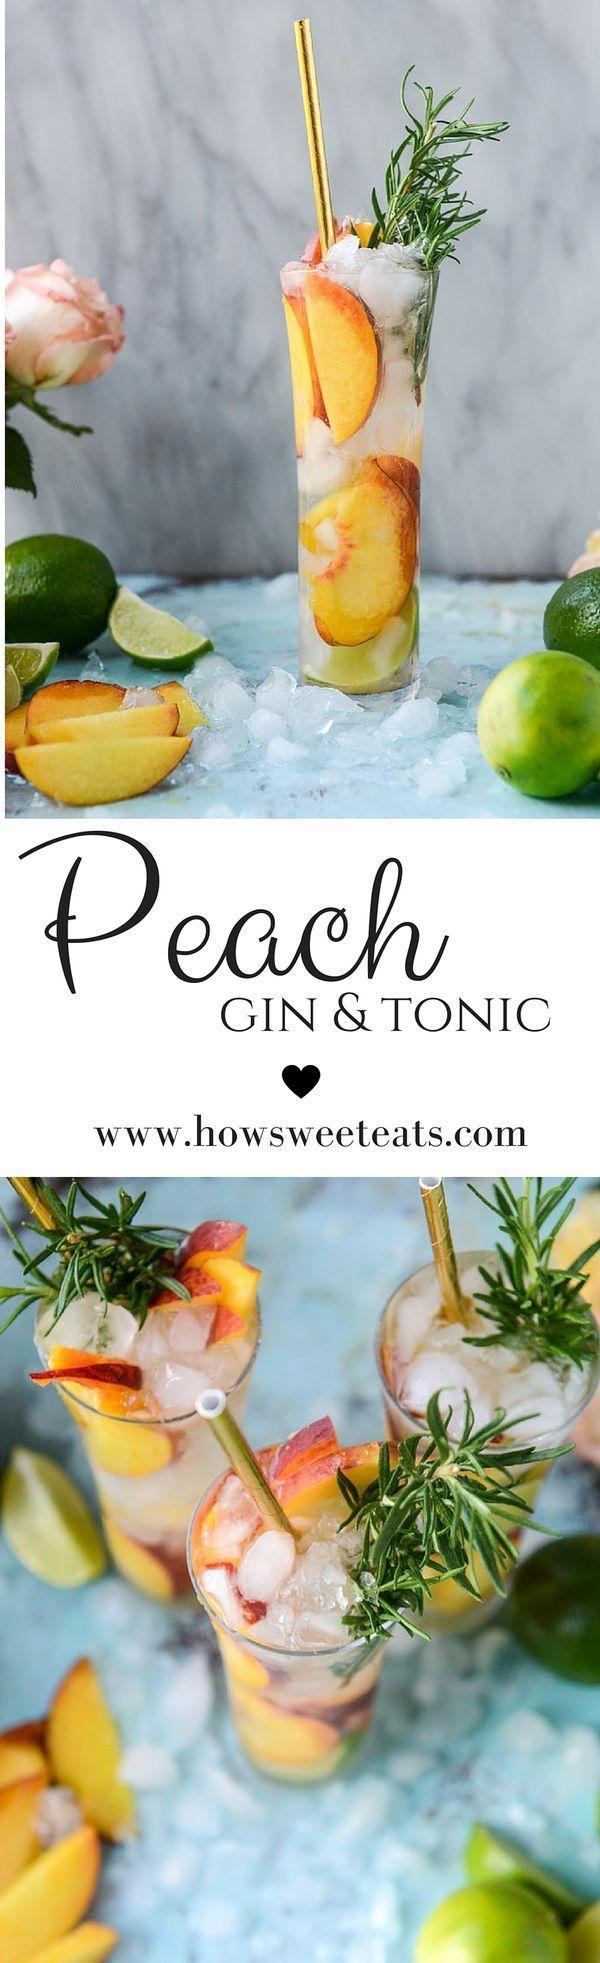 Fresh Peach Gin and Tonic. - How Sweet Eats #peachideas